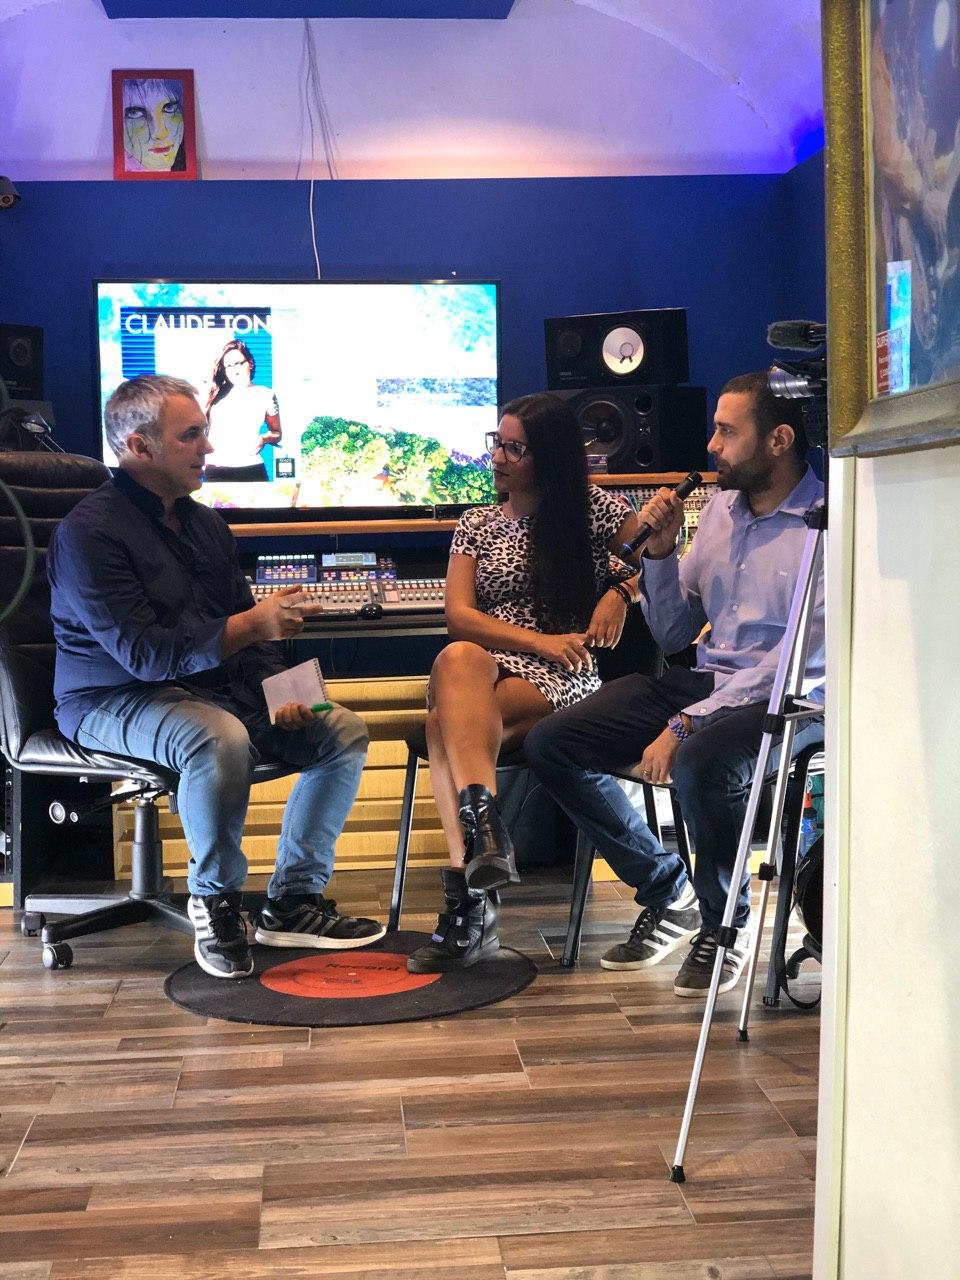 Claude Tonic e Stefano Barricella intervistati agli Studios Academy, il centro Steinberg di Roma